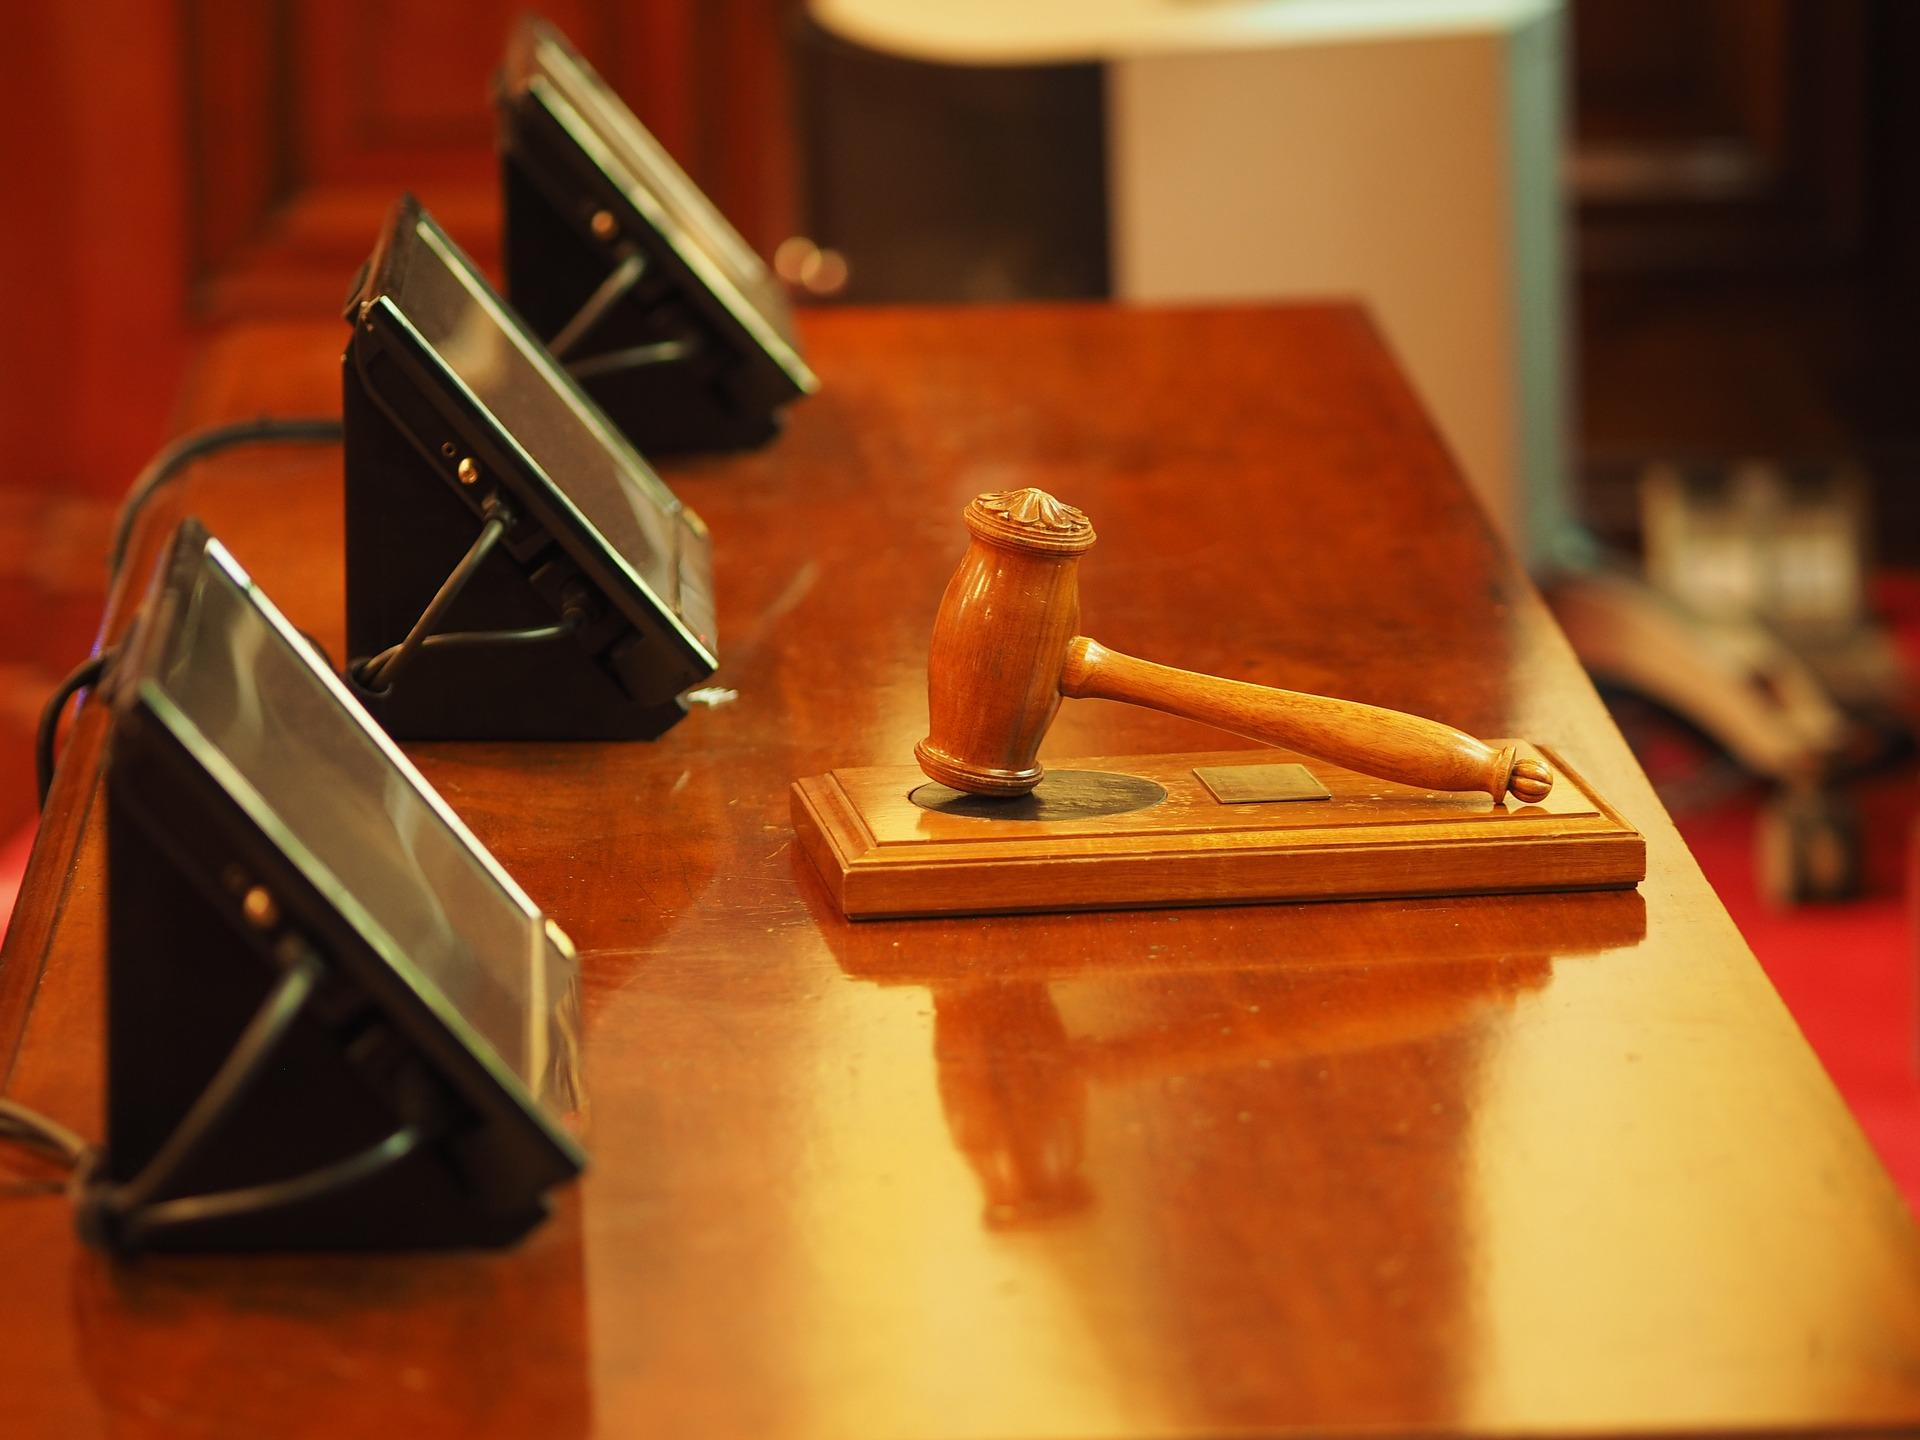 Tether Bitfinex Lawsuit Case Dismissal